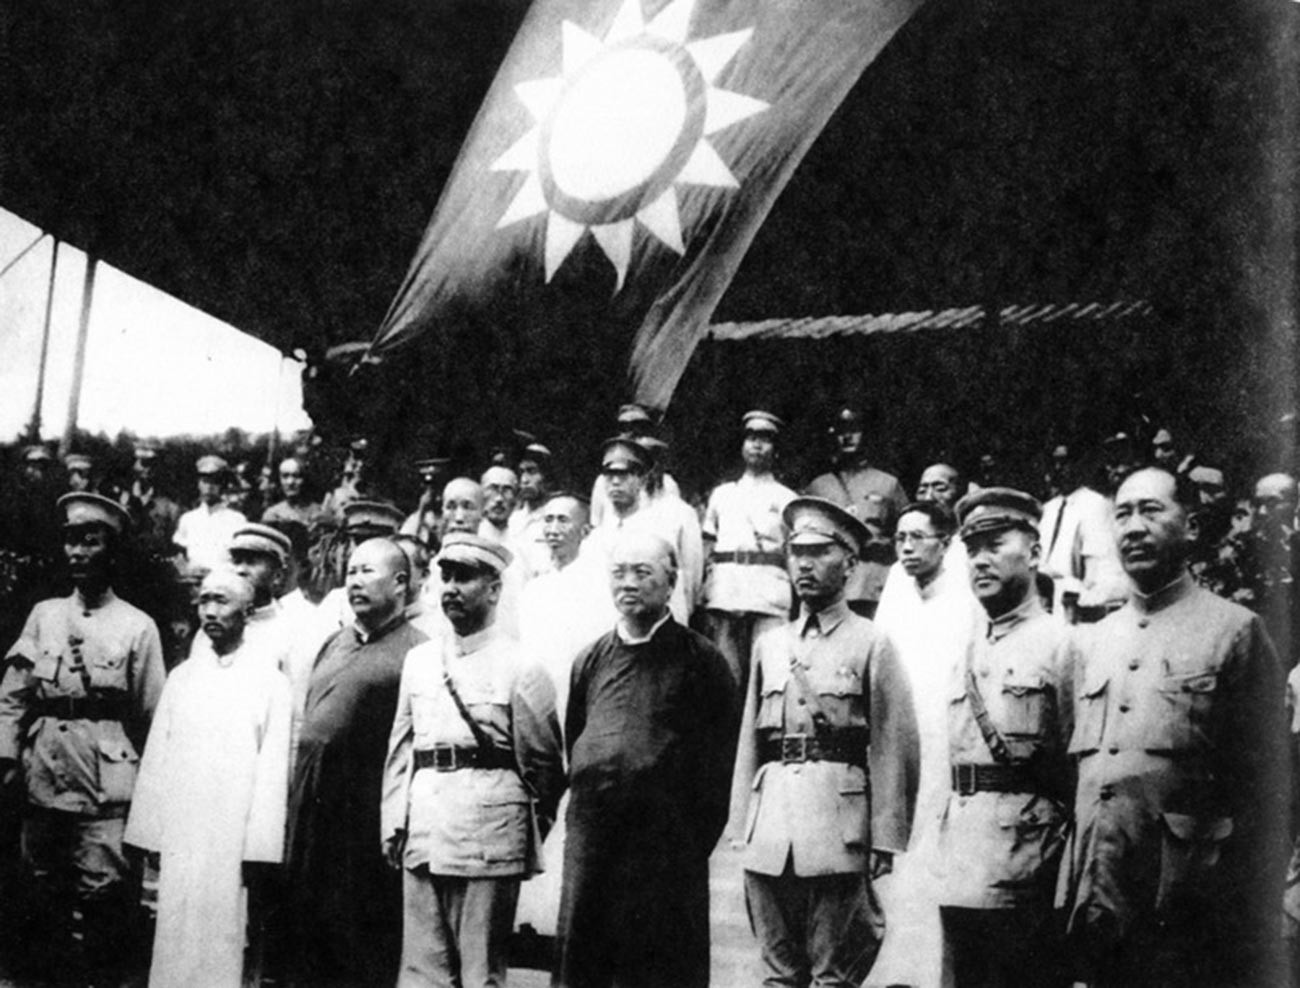 Generais do Exército Revolucionário Nacional do Kuomintang.